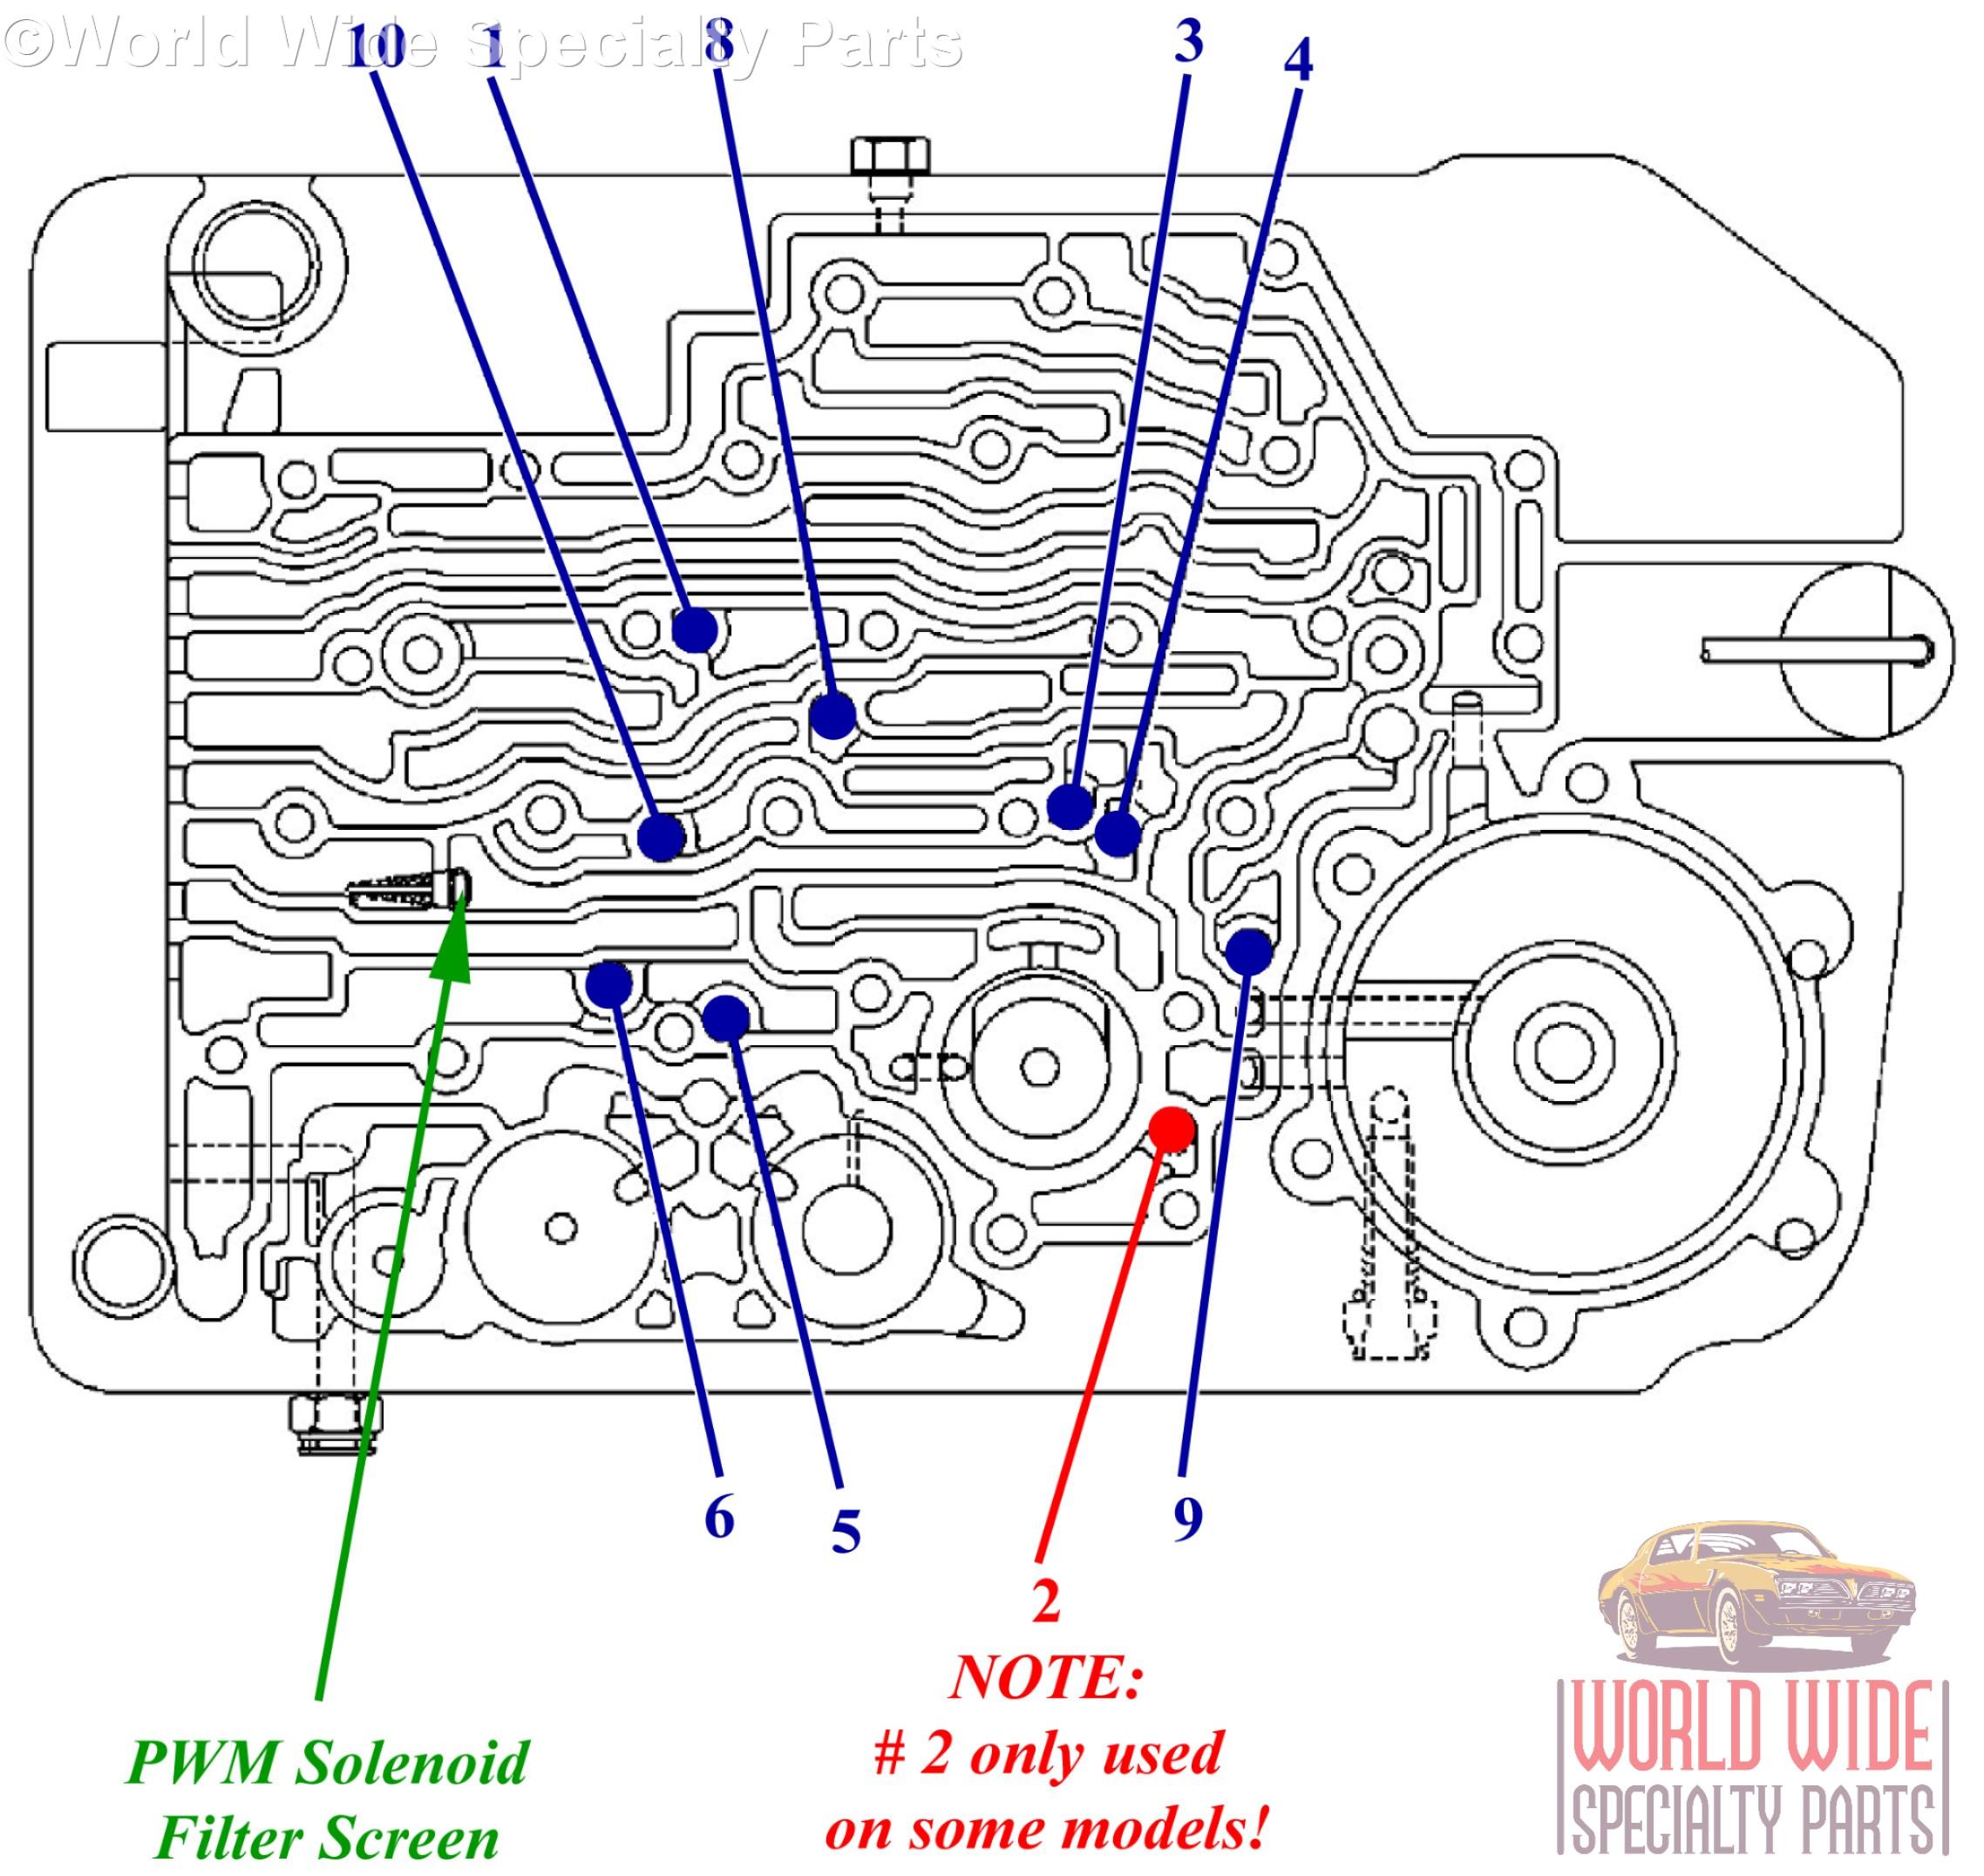 4L60e Solenoid Diagram 4l80e Automatic Reverse Lockout Solenoid Diagram Wiring Diagram